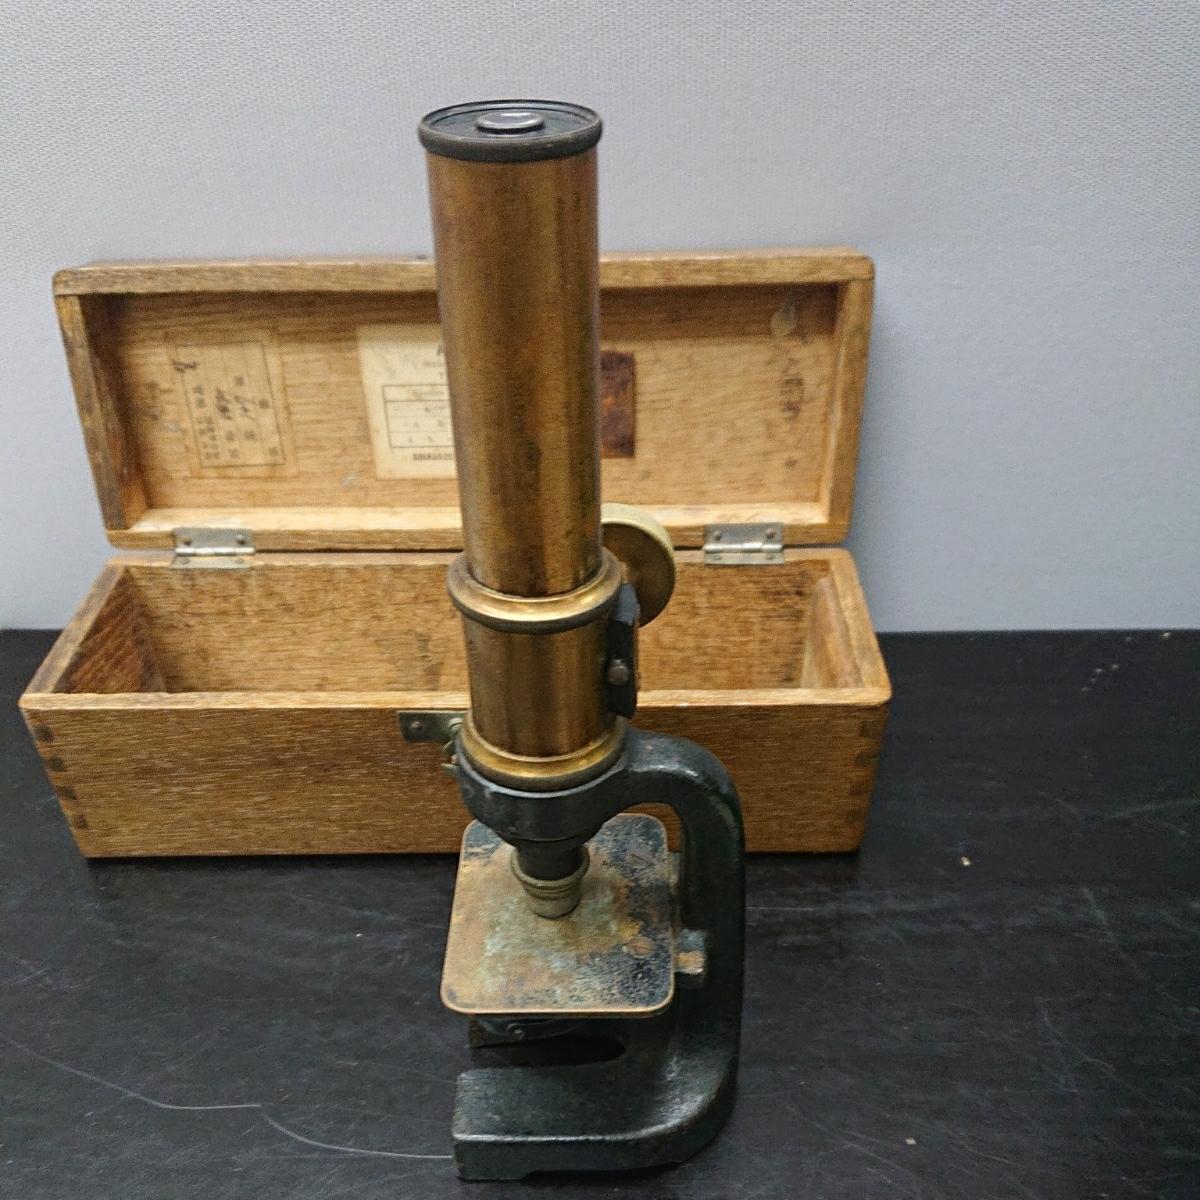 オリンパス OLYMPUS ACME TYPE A 顕微鏡 第147號 No.1176 加_画像6